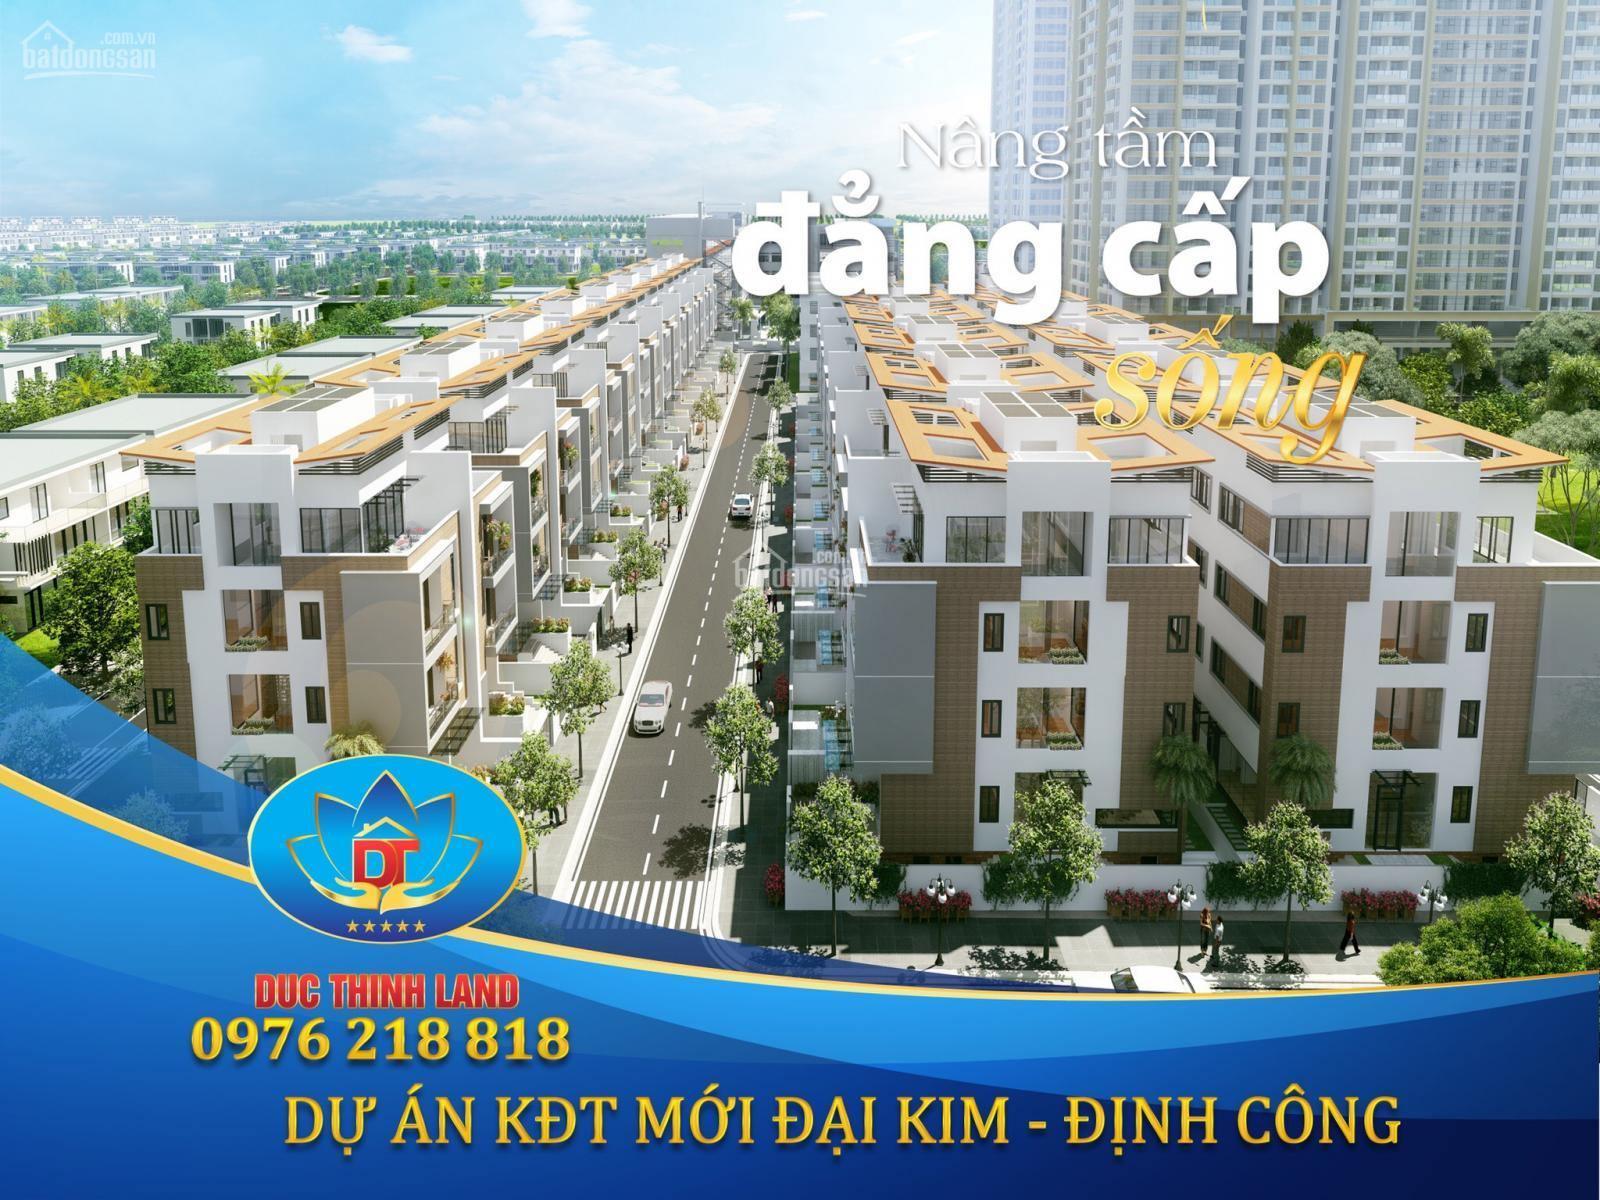 Shophouse dự án khu đô thị mới Đại Kim Định Công